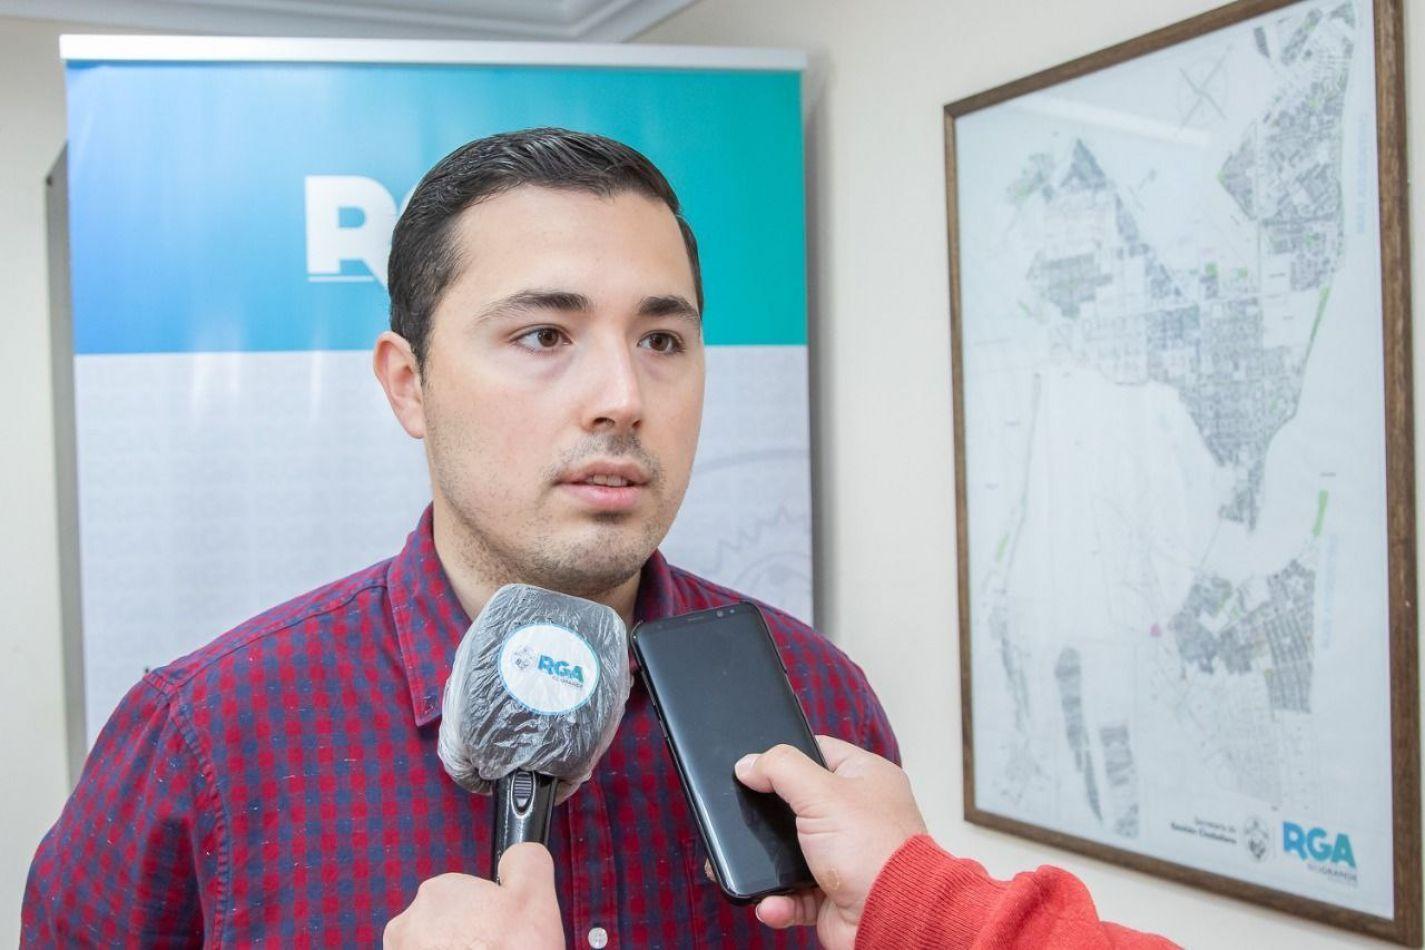 Gonzalo Ferro adelantó que se vacunará al personal esencial que trabaja en el Municipio de Río Grande.